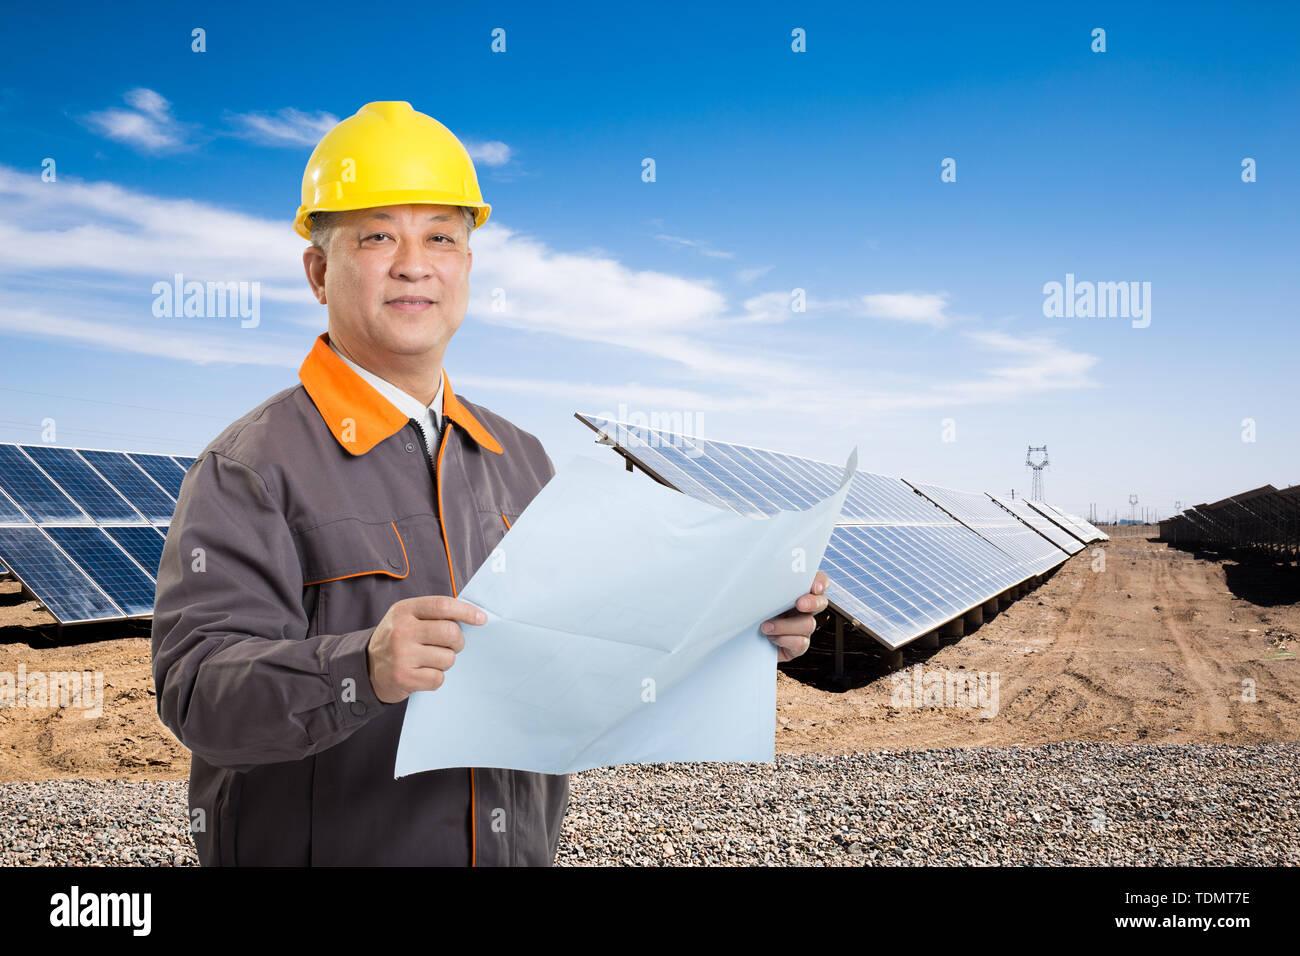 Hombre chino técnico con casco amarillo de pie delante de la planta solar en el país Imagen De Stock